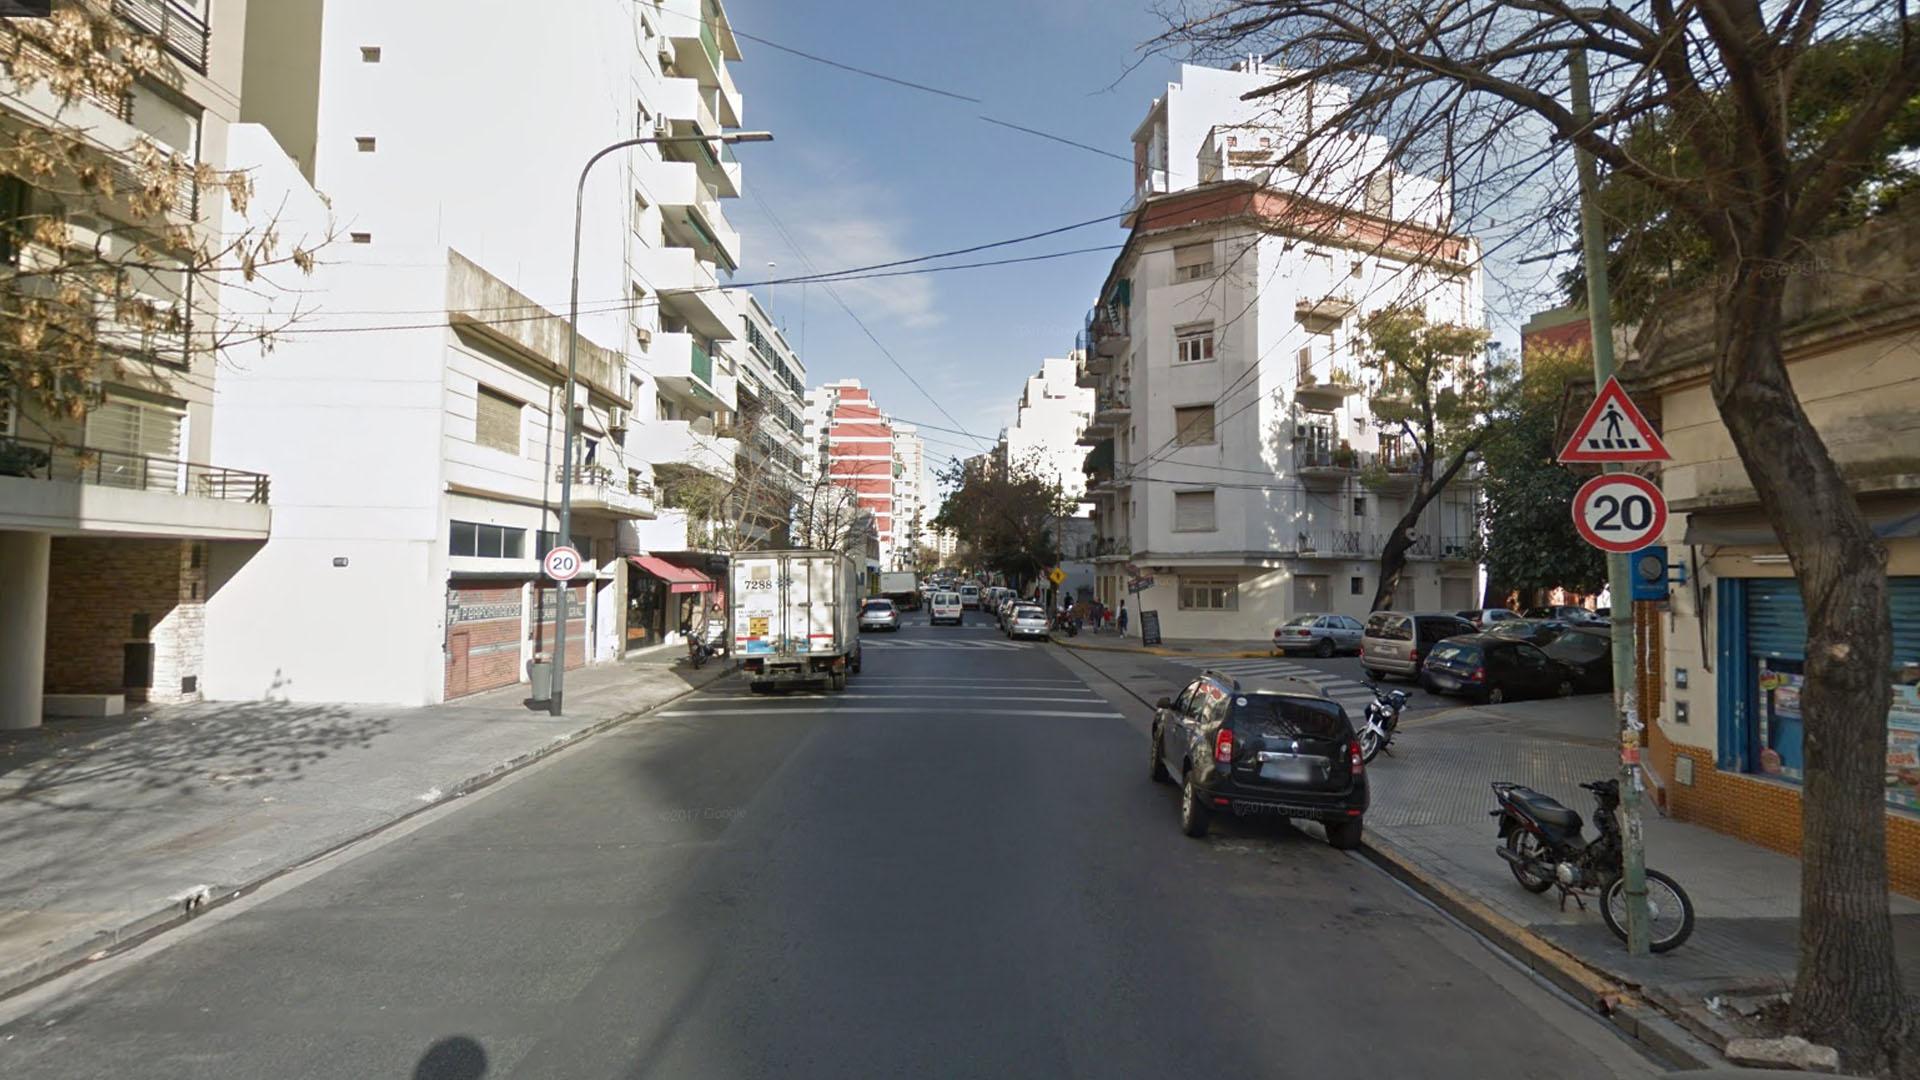 Río de Janeiro al 500, el lugar del ataque.